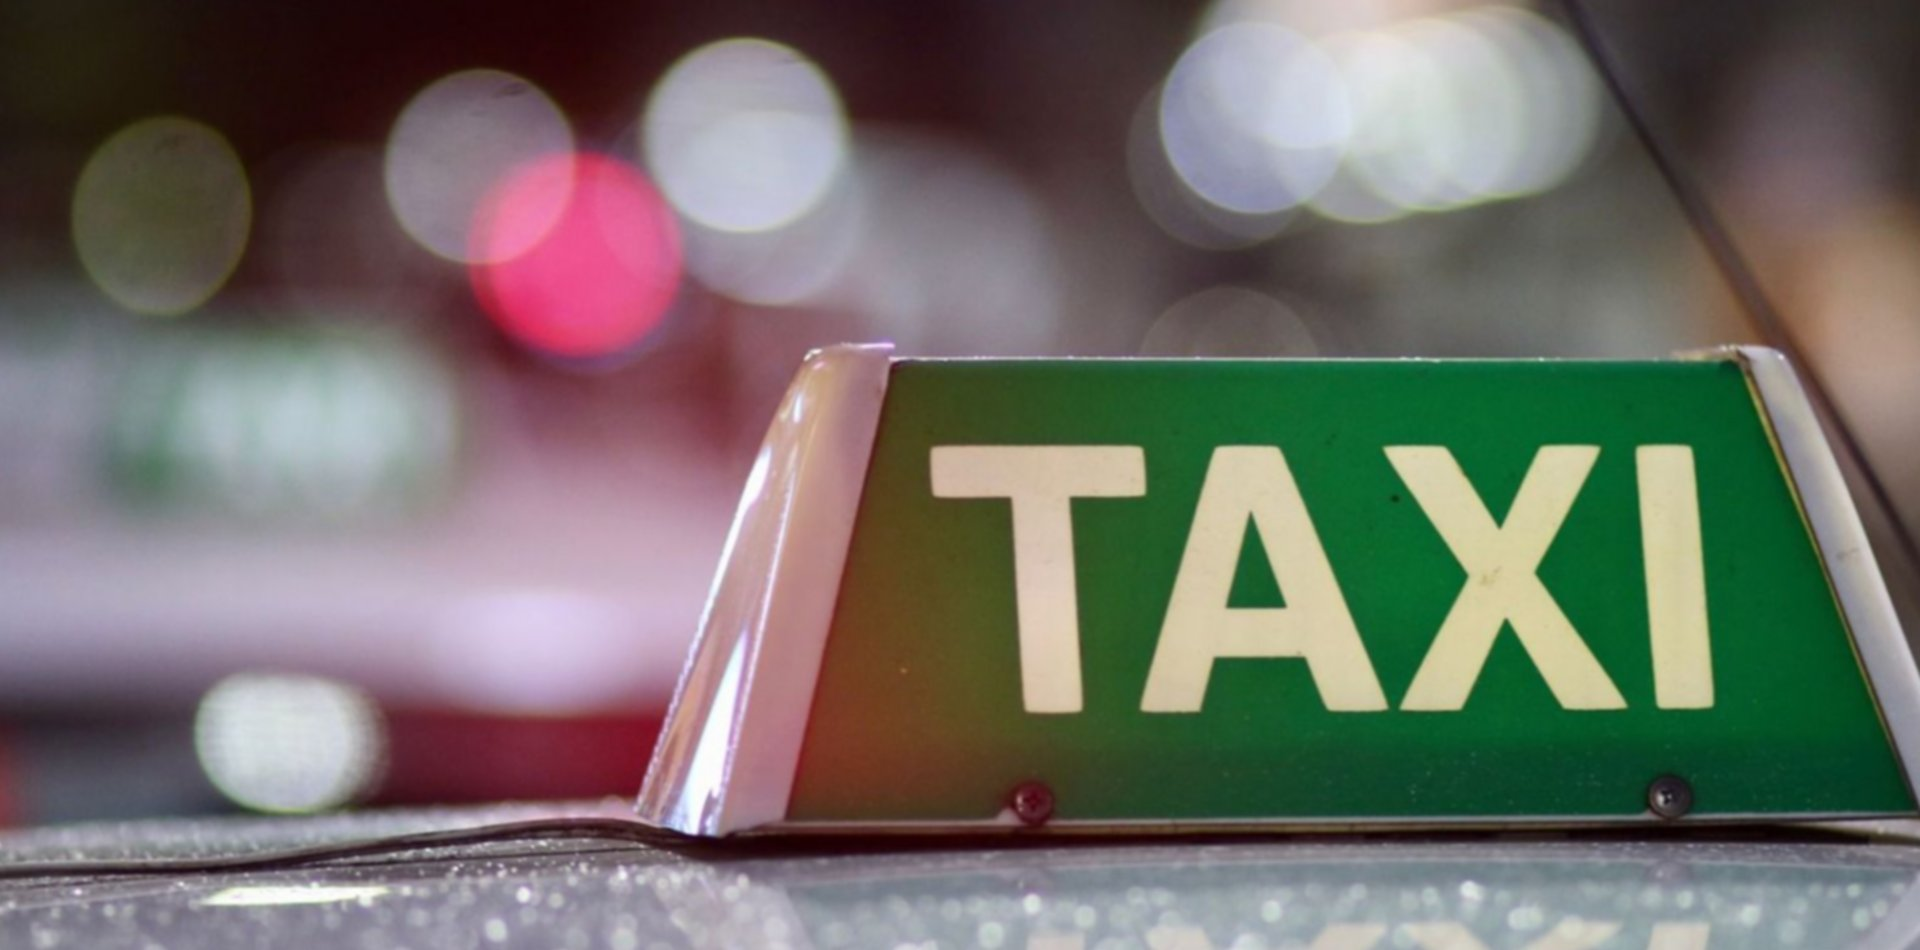 Los taxistas de La Plata piden una tarifa diferencial para prestar el servicio de noche